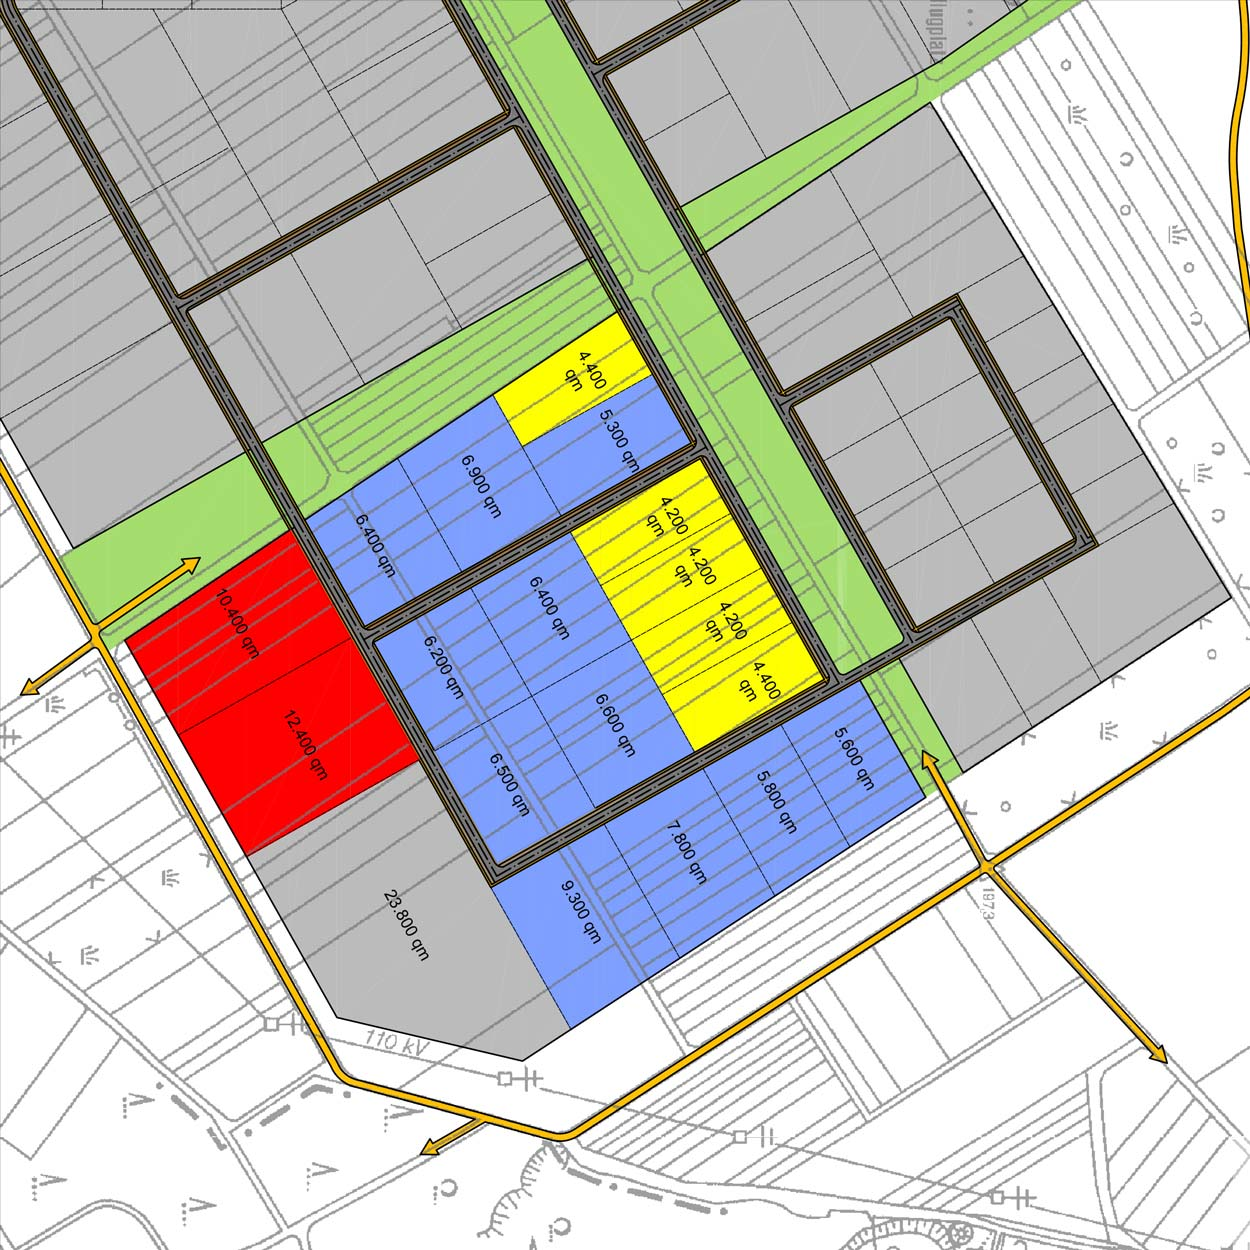 Flächenraster Gewerbe- und Industriegebiet Langes Feld Kassel Planquadrat Dortmund